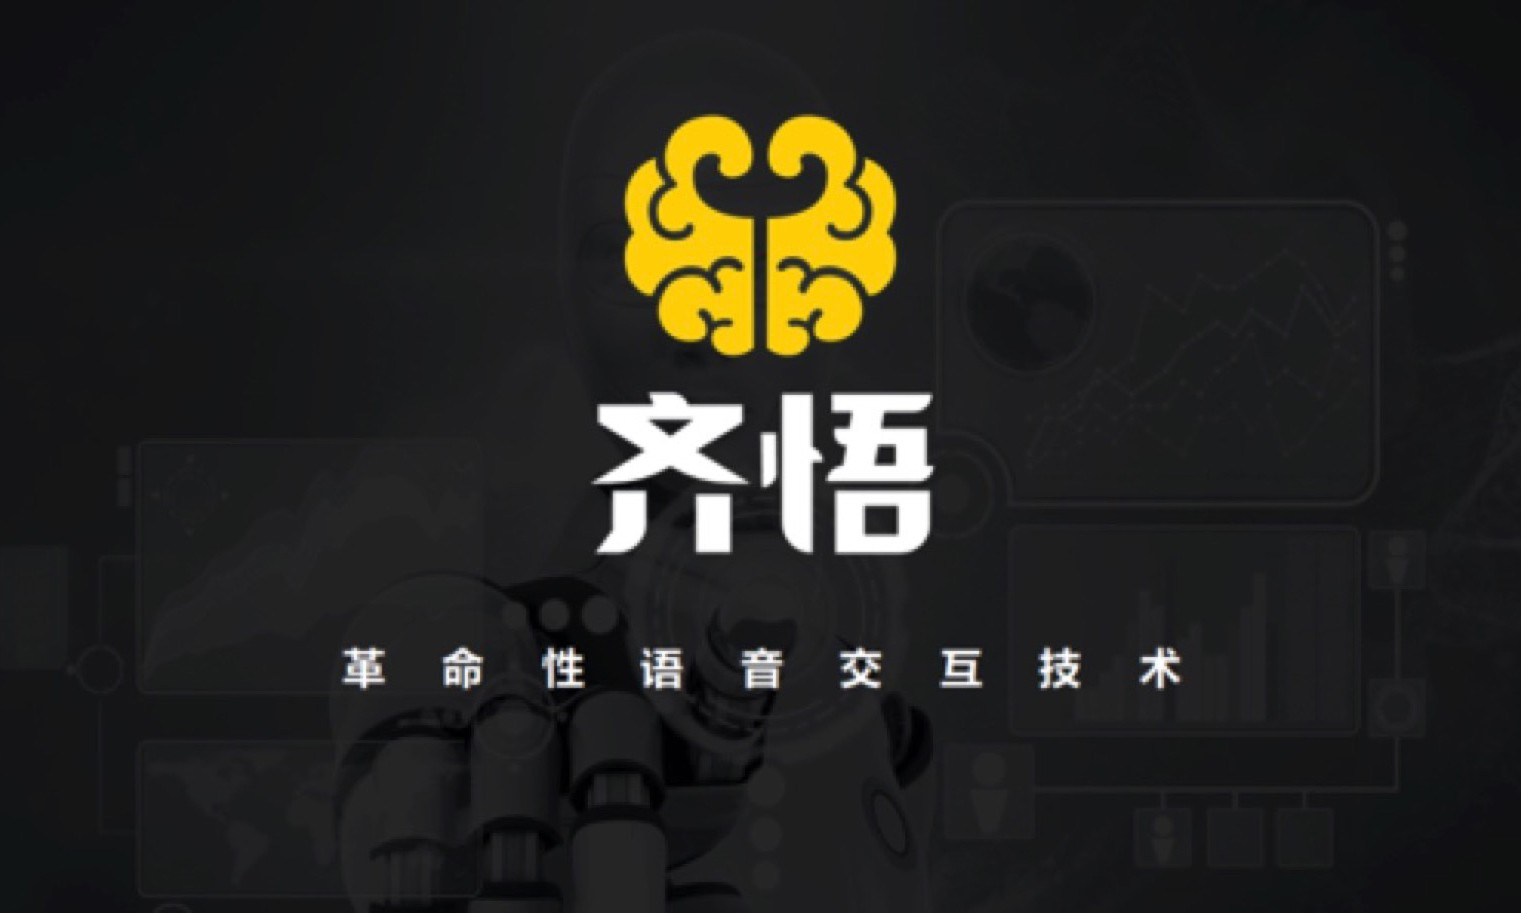 齐悟完成5000万元A轮融资 致力于为机器人提供会思考的大脑